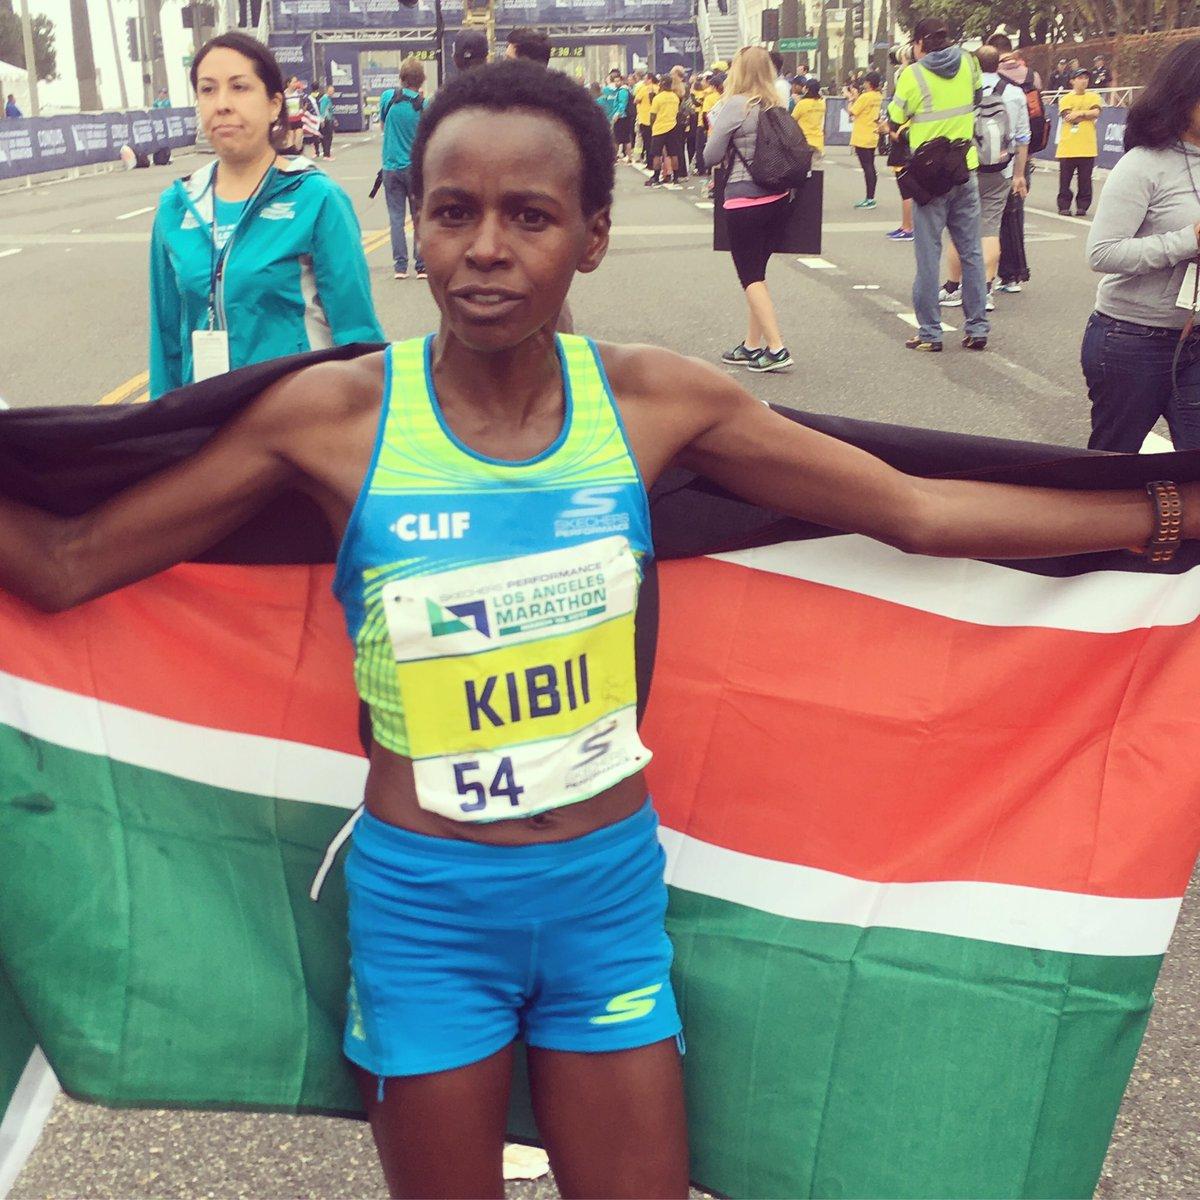 caterpillar shoes kenyan marathoners speaking